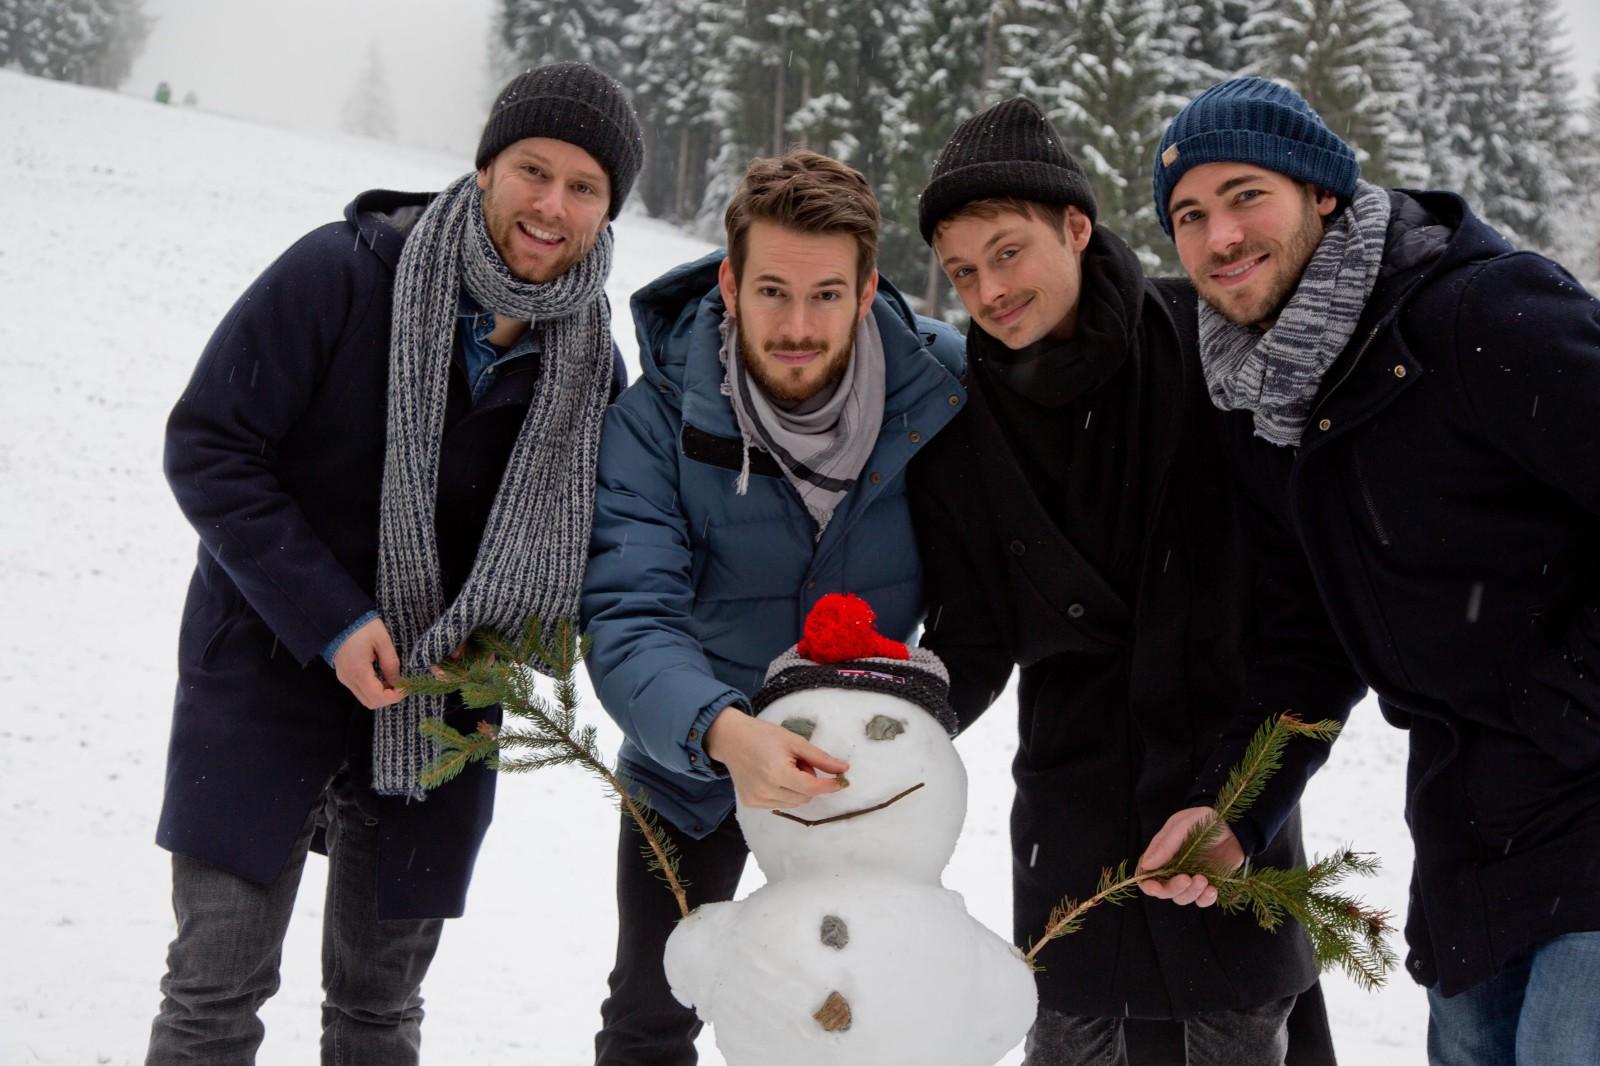 Revolverheld liebt Schneemänner